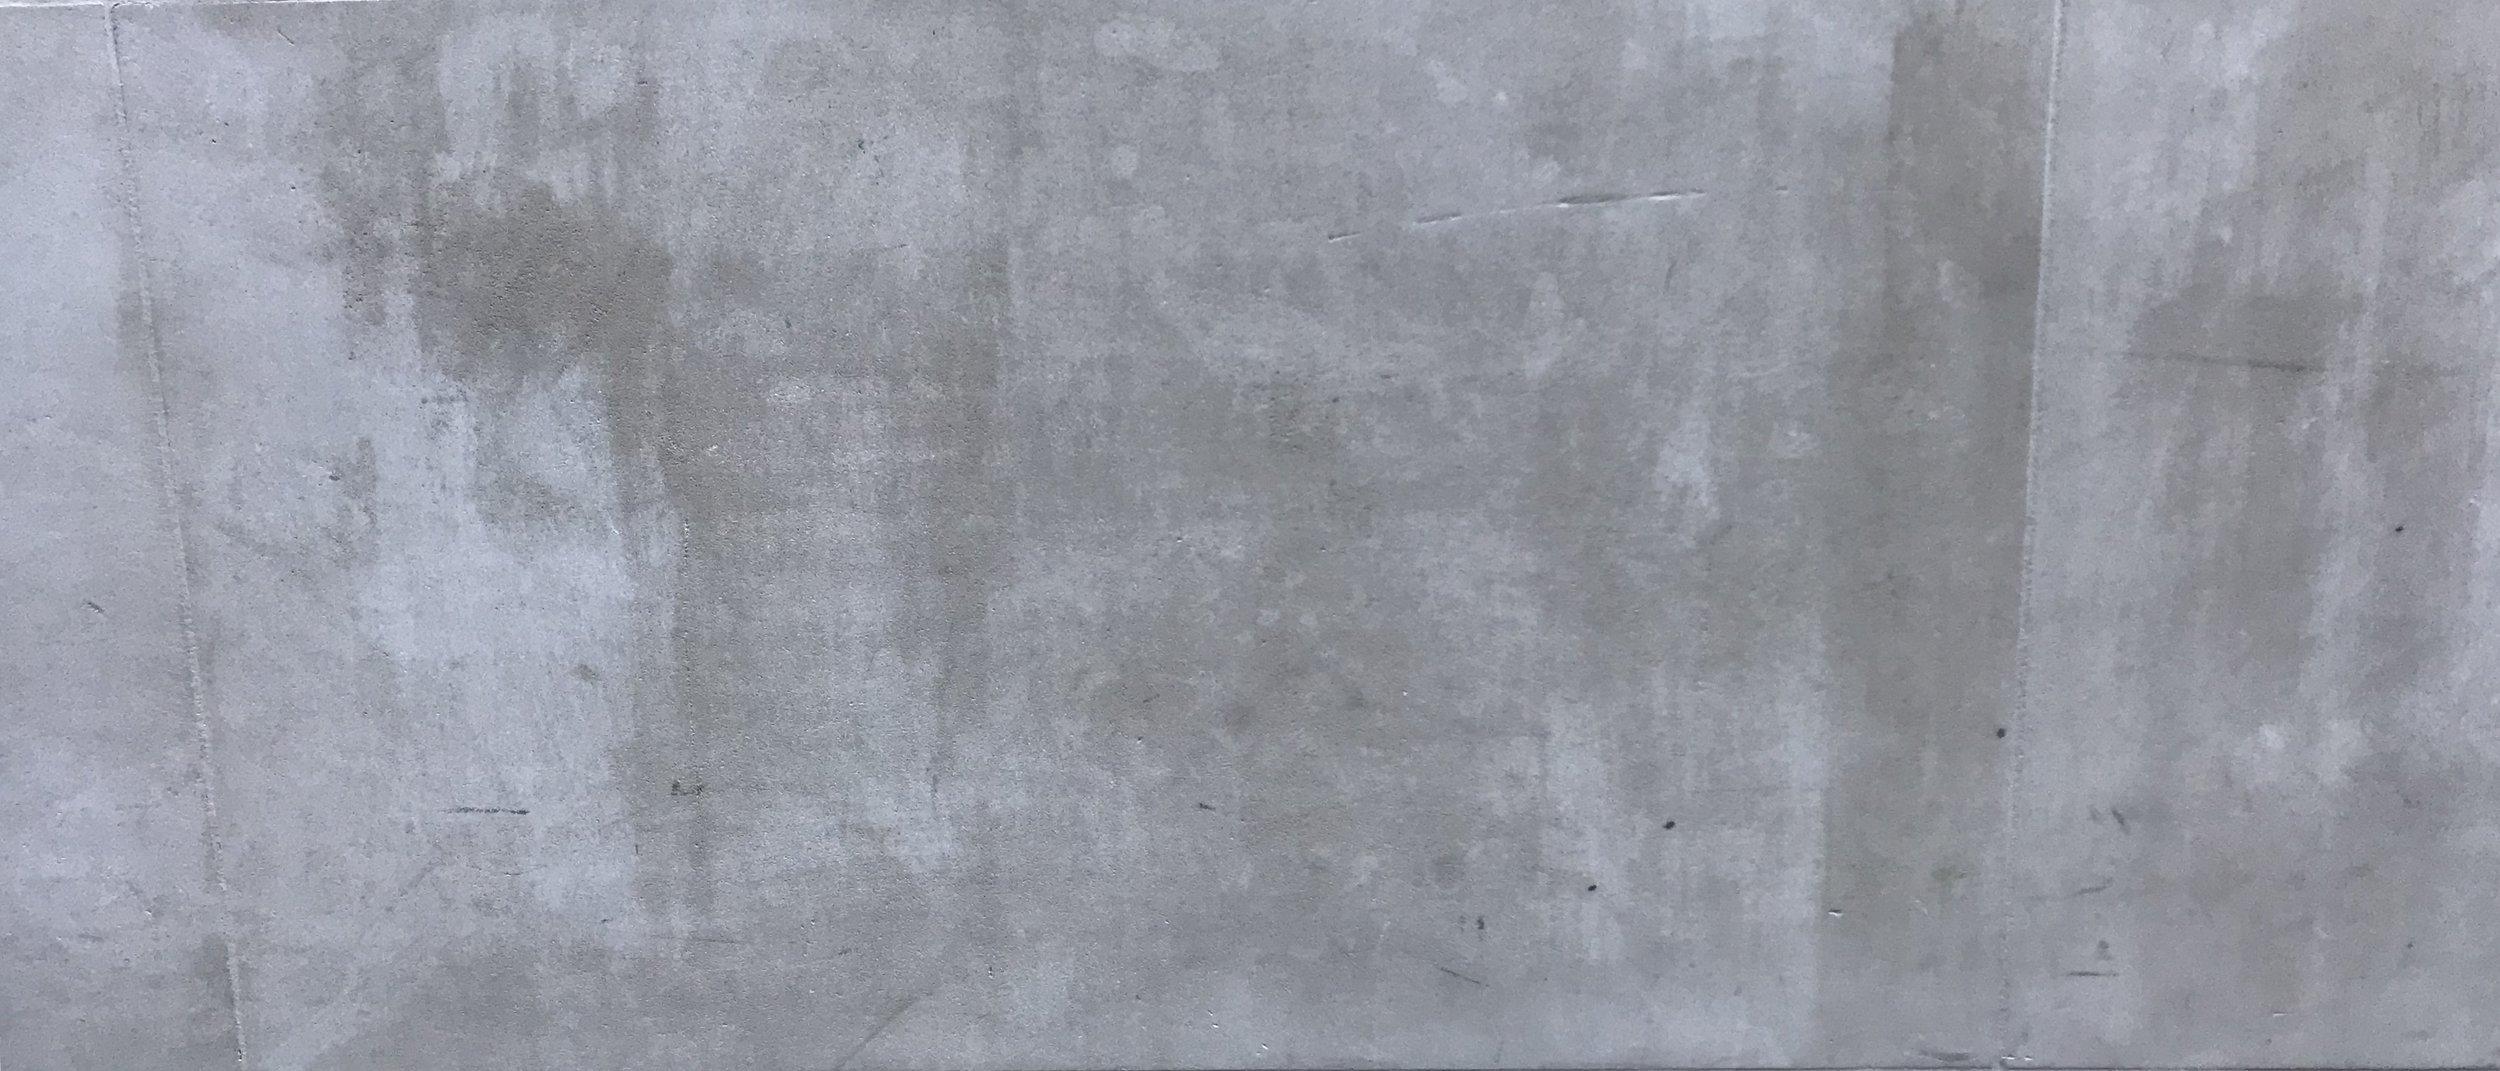 MONTIEL 34   En Proceso  Cliente: IUA - Ignacio Urquiza Arquitectos  Arquitecto: Ignacio Urquiza / Anet Carmona  Diseño de Iluminación: Valeria González  San MIguel Chapultepec, Ciudad de México, 2019